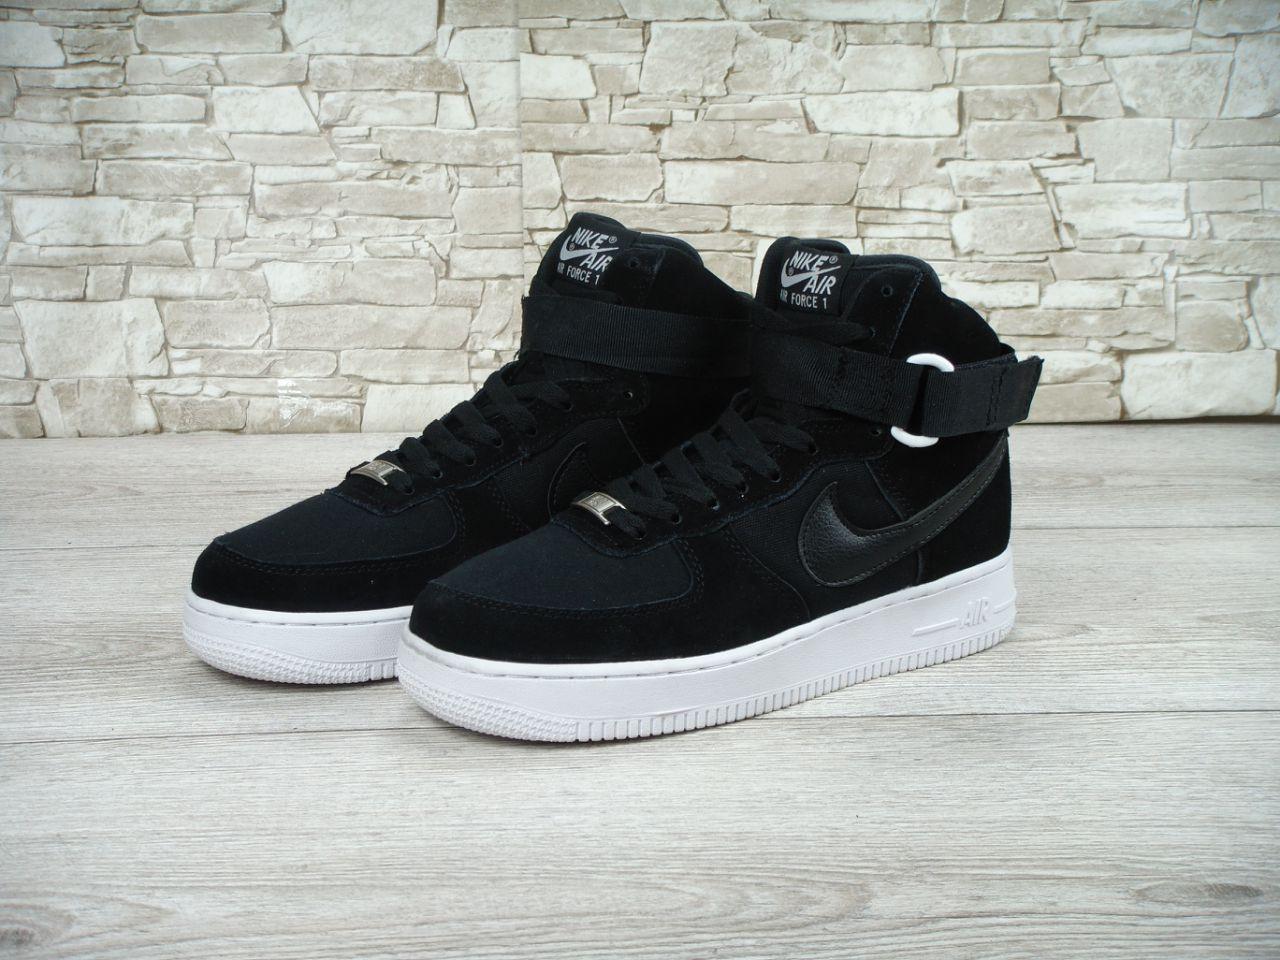 Кроссовки в Стиле Nike Air Force High Black Suede Мужские — в ... 5c6fe7c638037